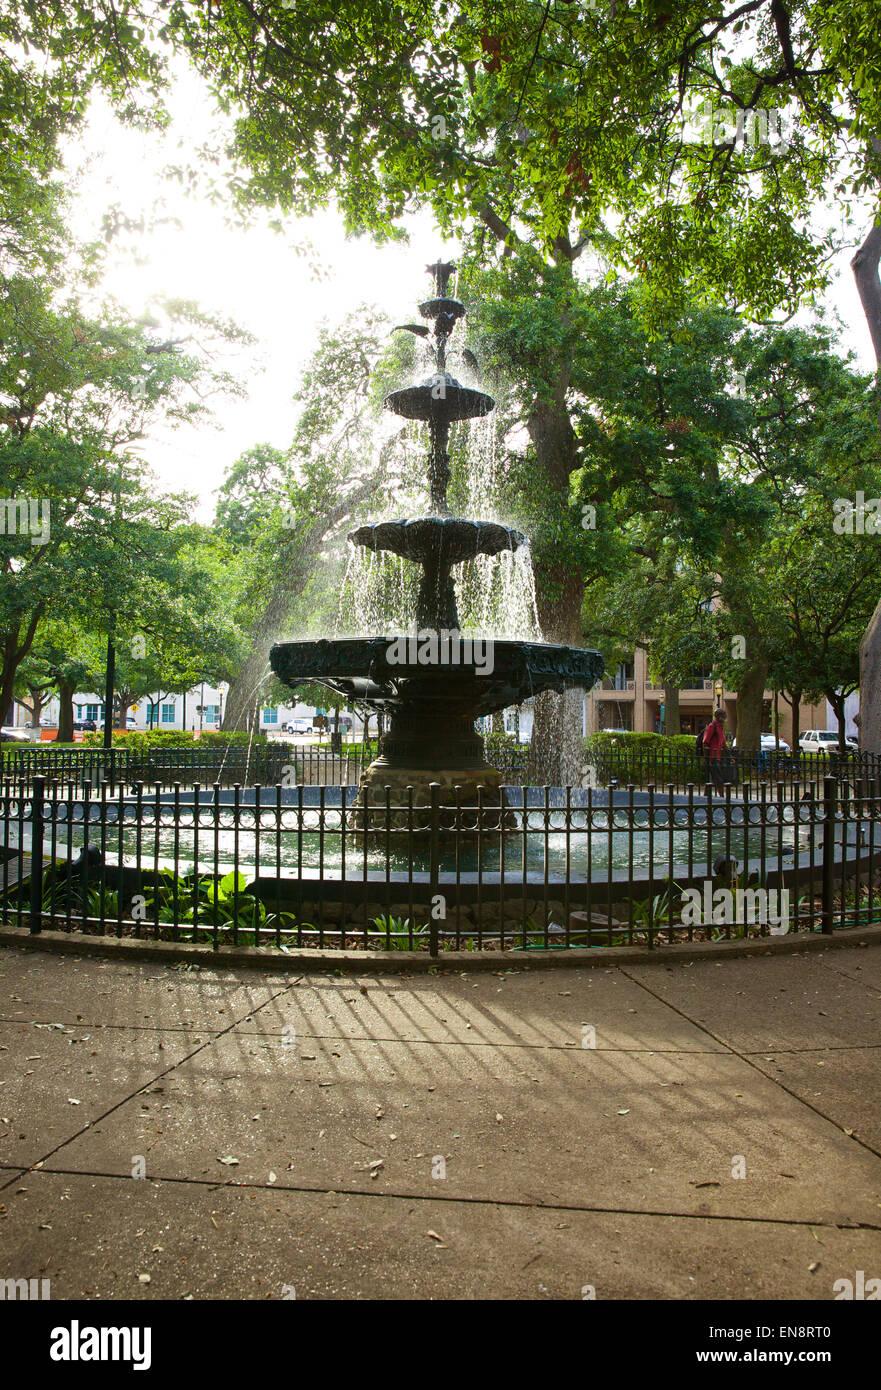 El agua que fluye de la fuente en el Bienville Square Park en el centro de la ciudad de Mobile, Alabama en el sol de la tarde. Foto de stock